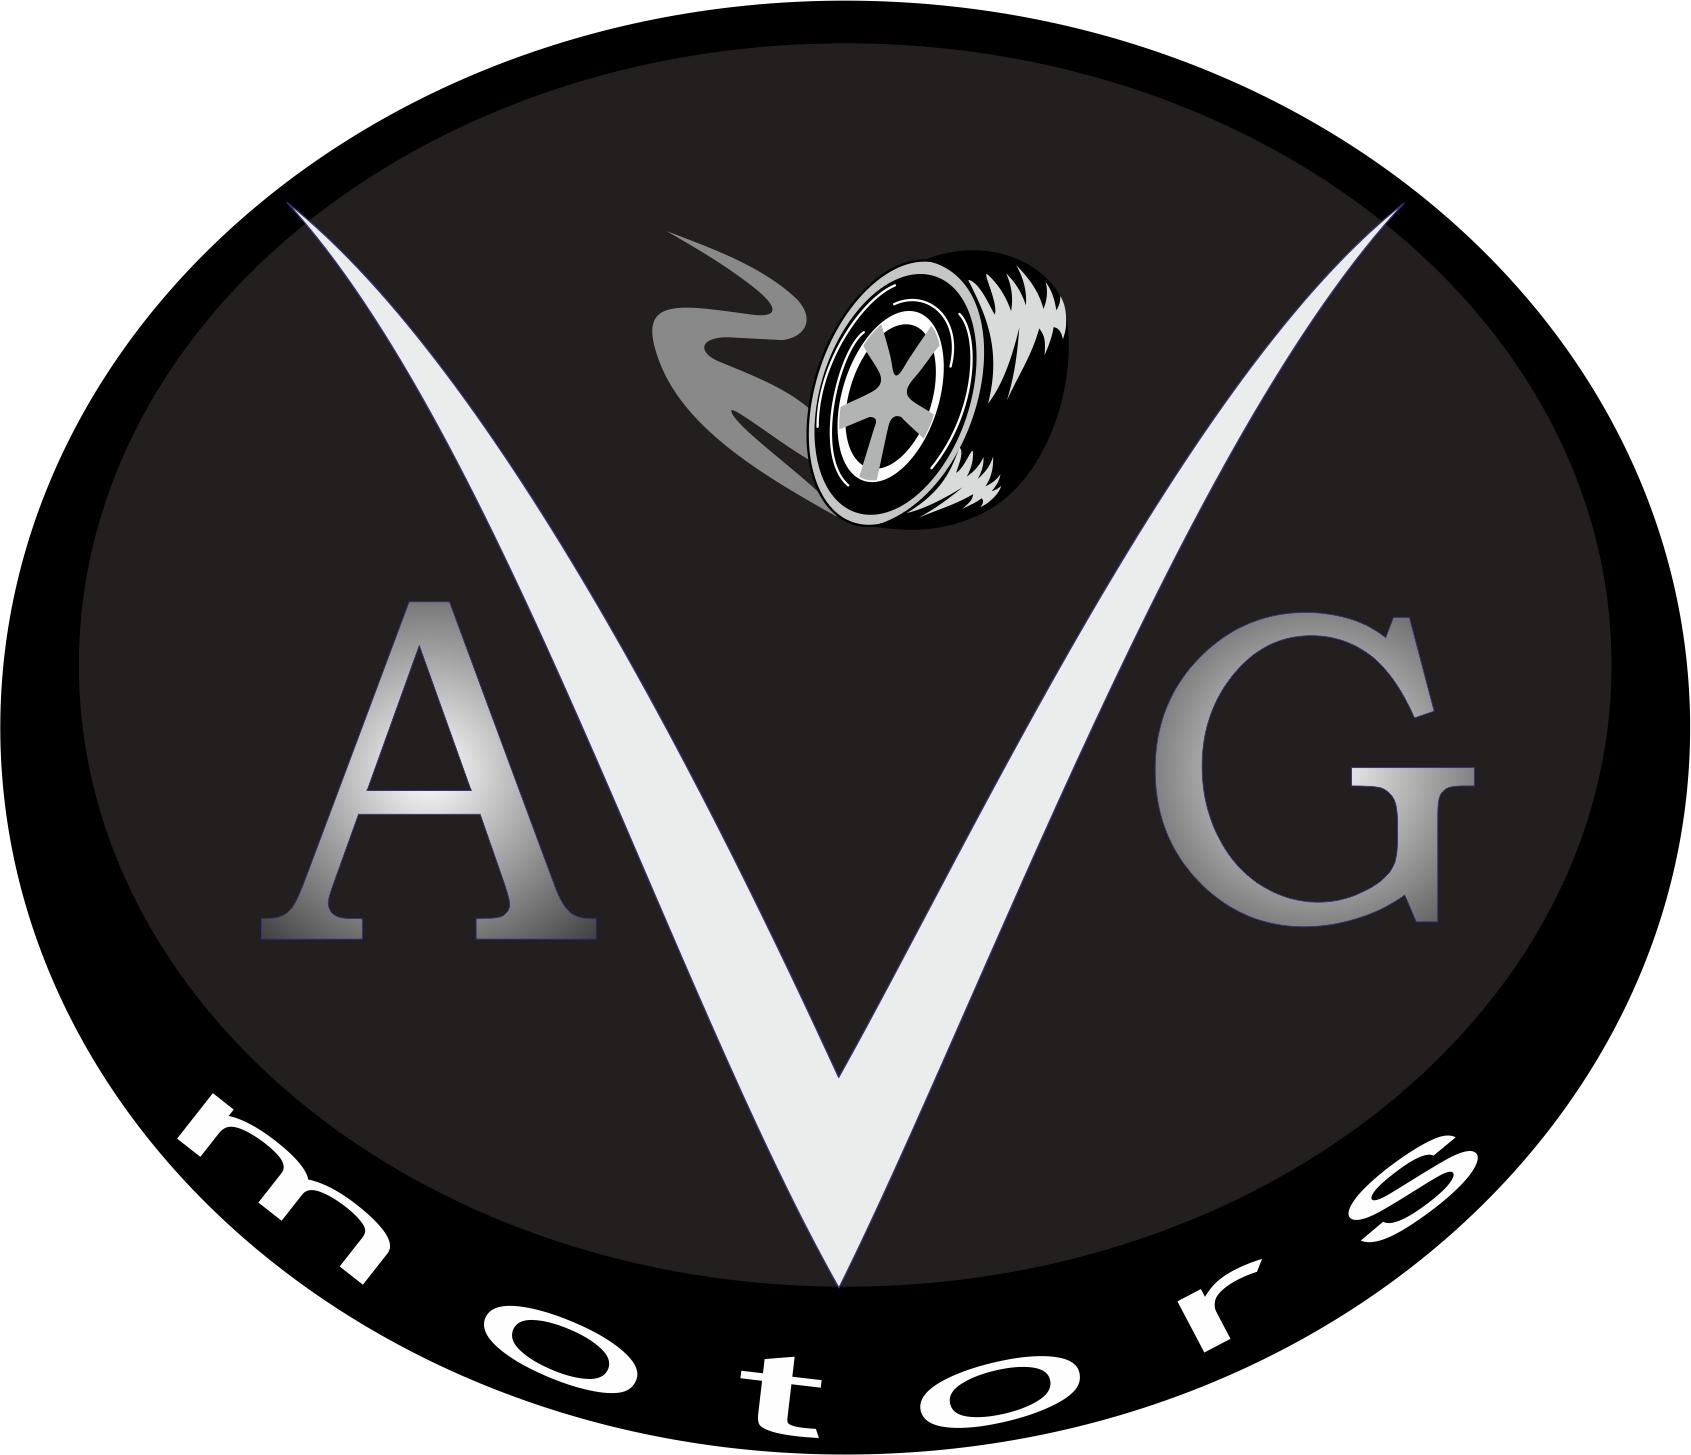 Разработать логотип автосервиса фото f_008557fe7608d9bf.jpg